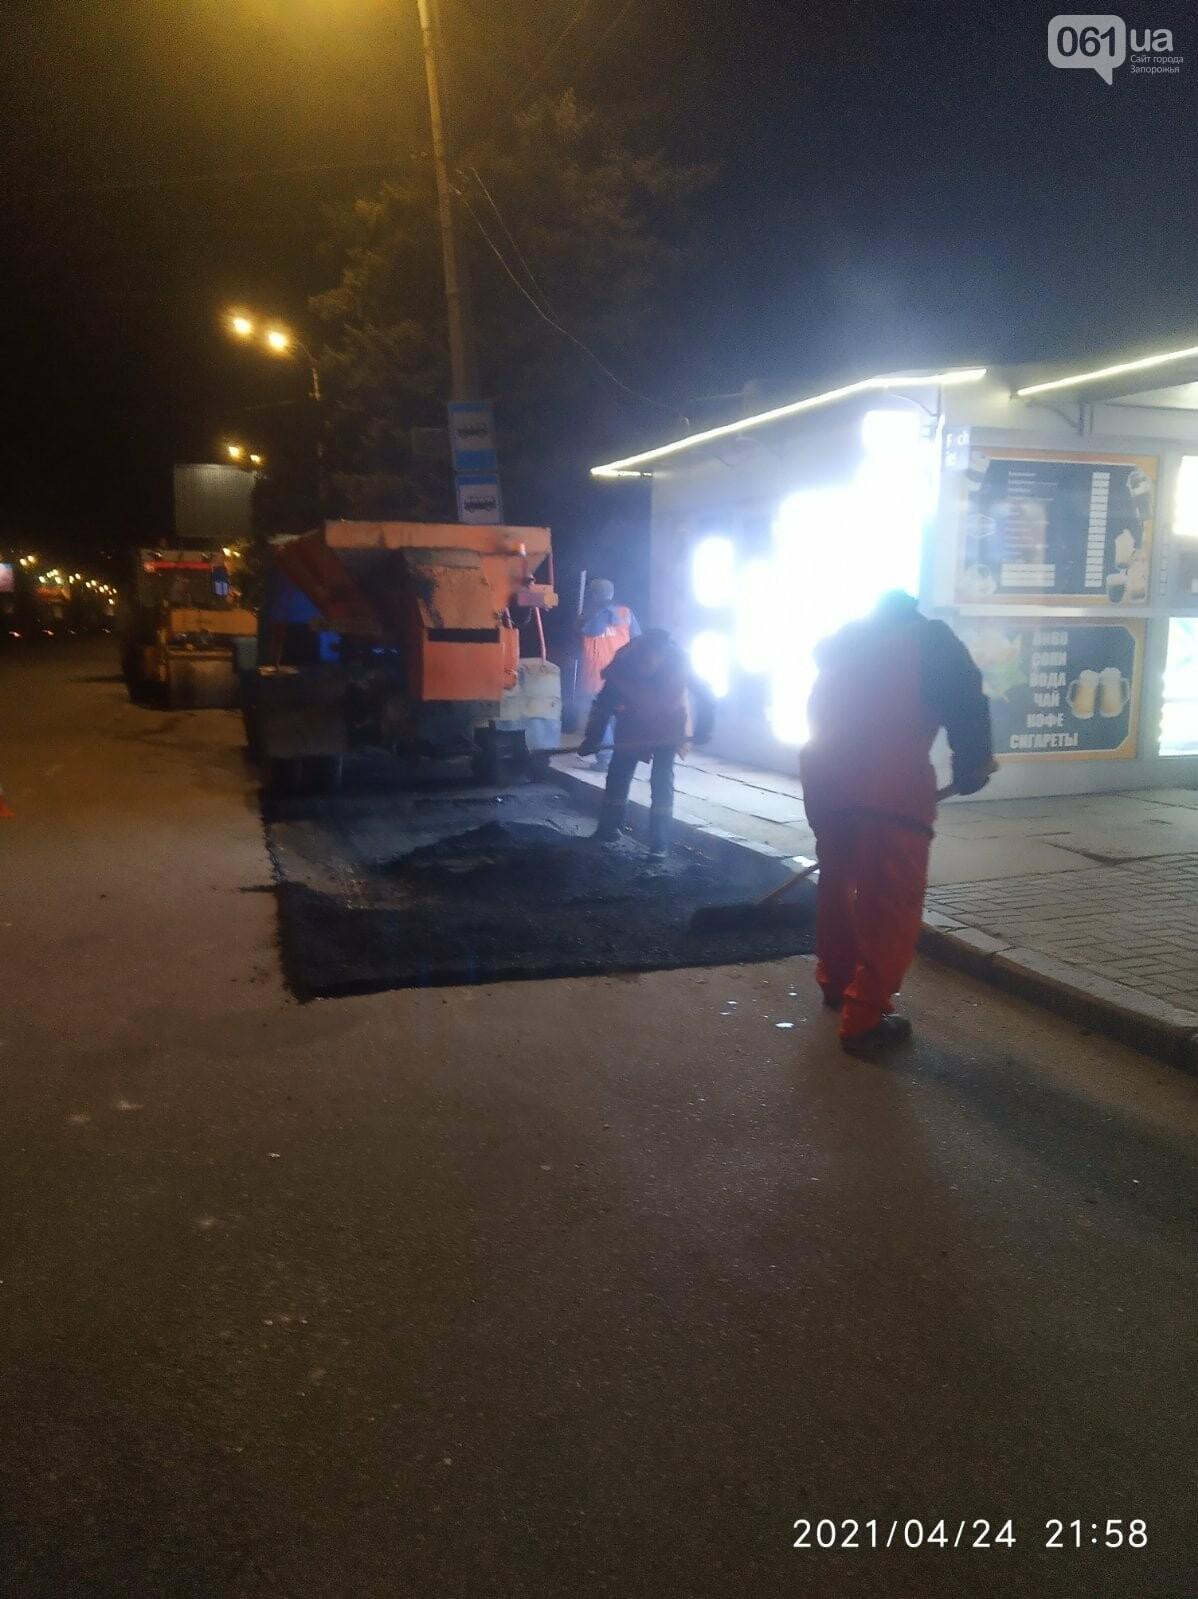 Запорожские коммунальщики ночью на мосту Преображенского ремонтировали дорогу, фото-7